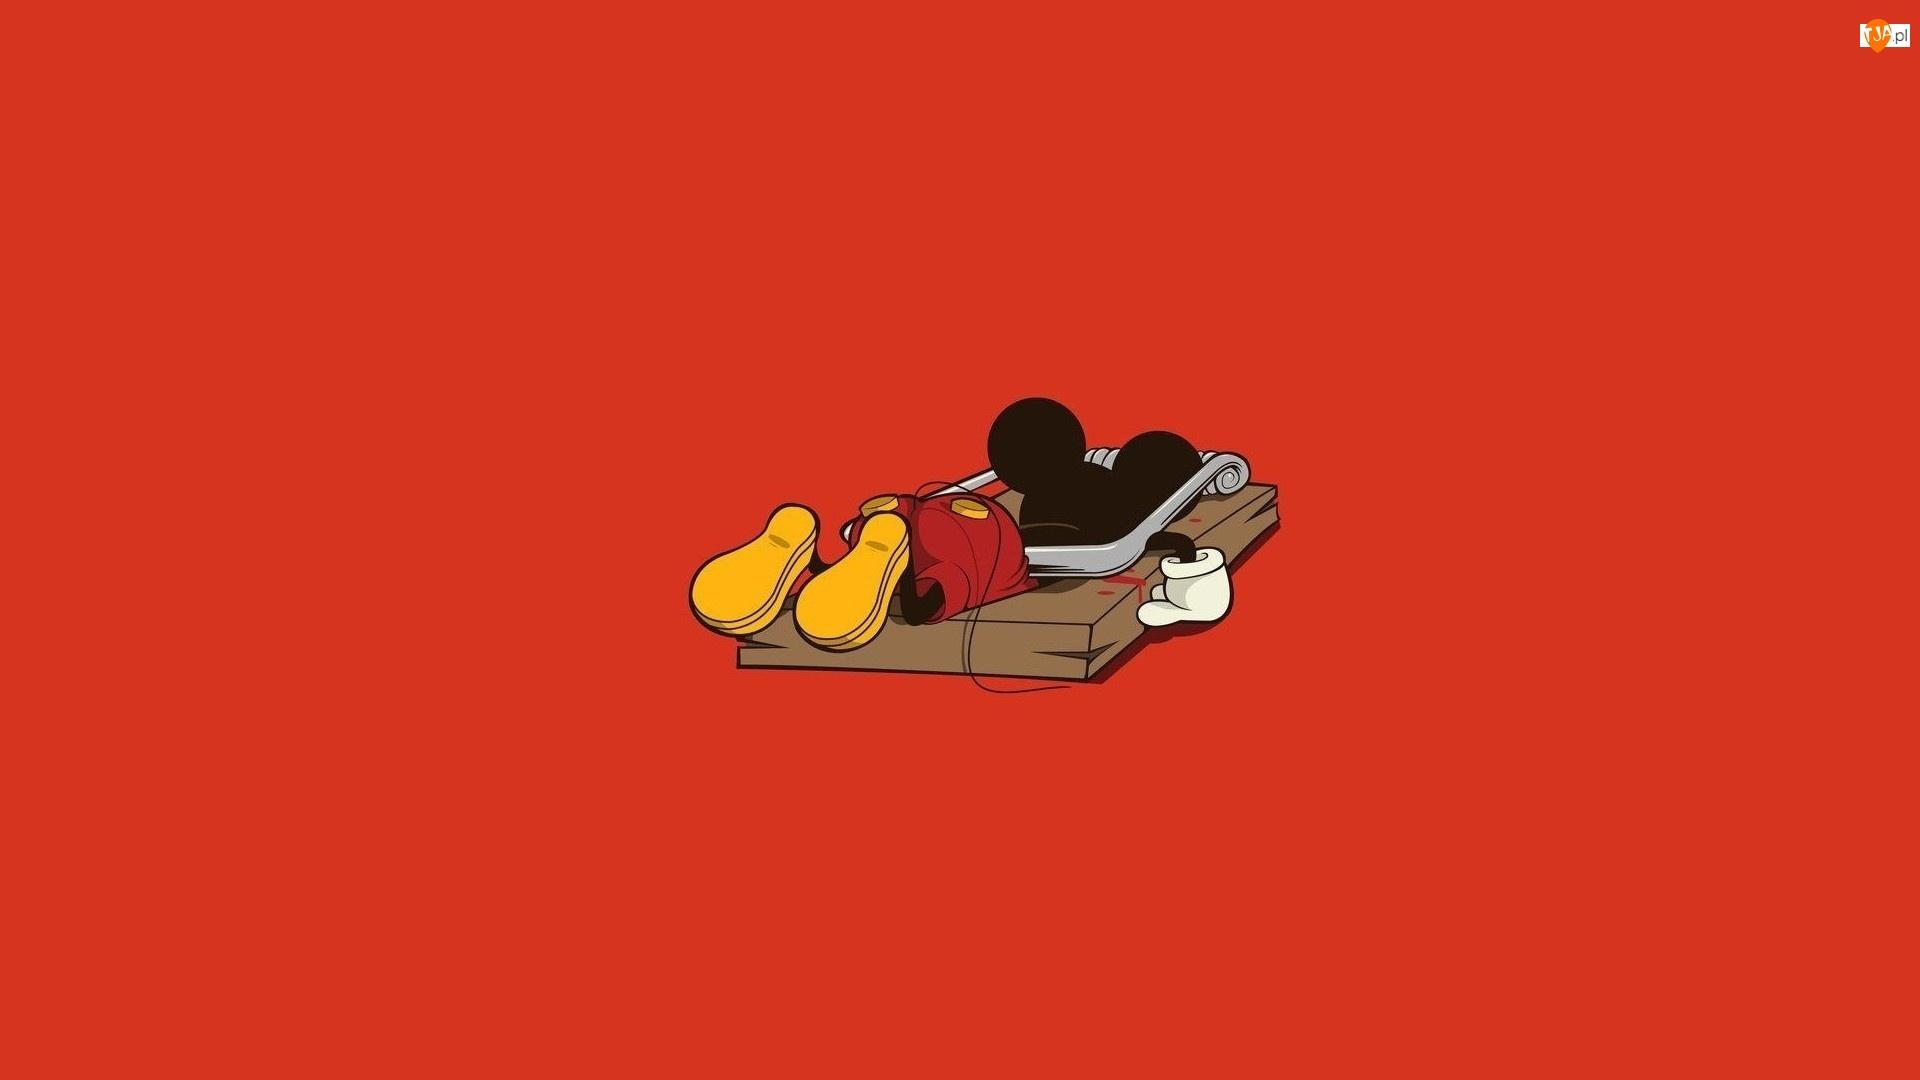 Miki, Myszy, Pułapka, Na